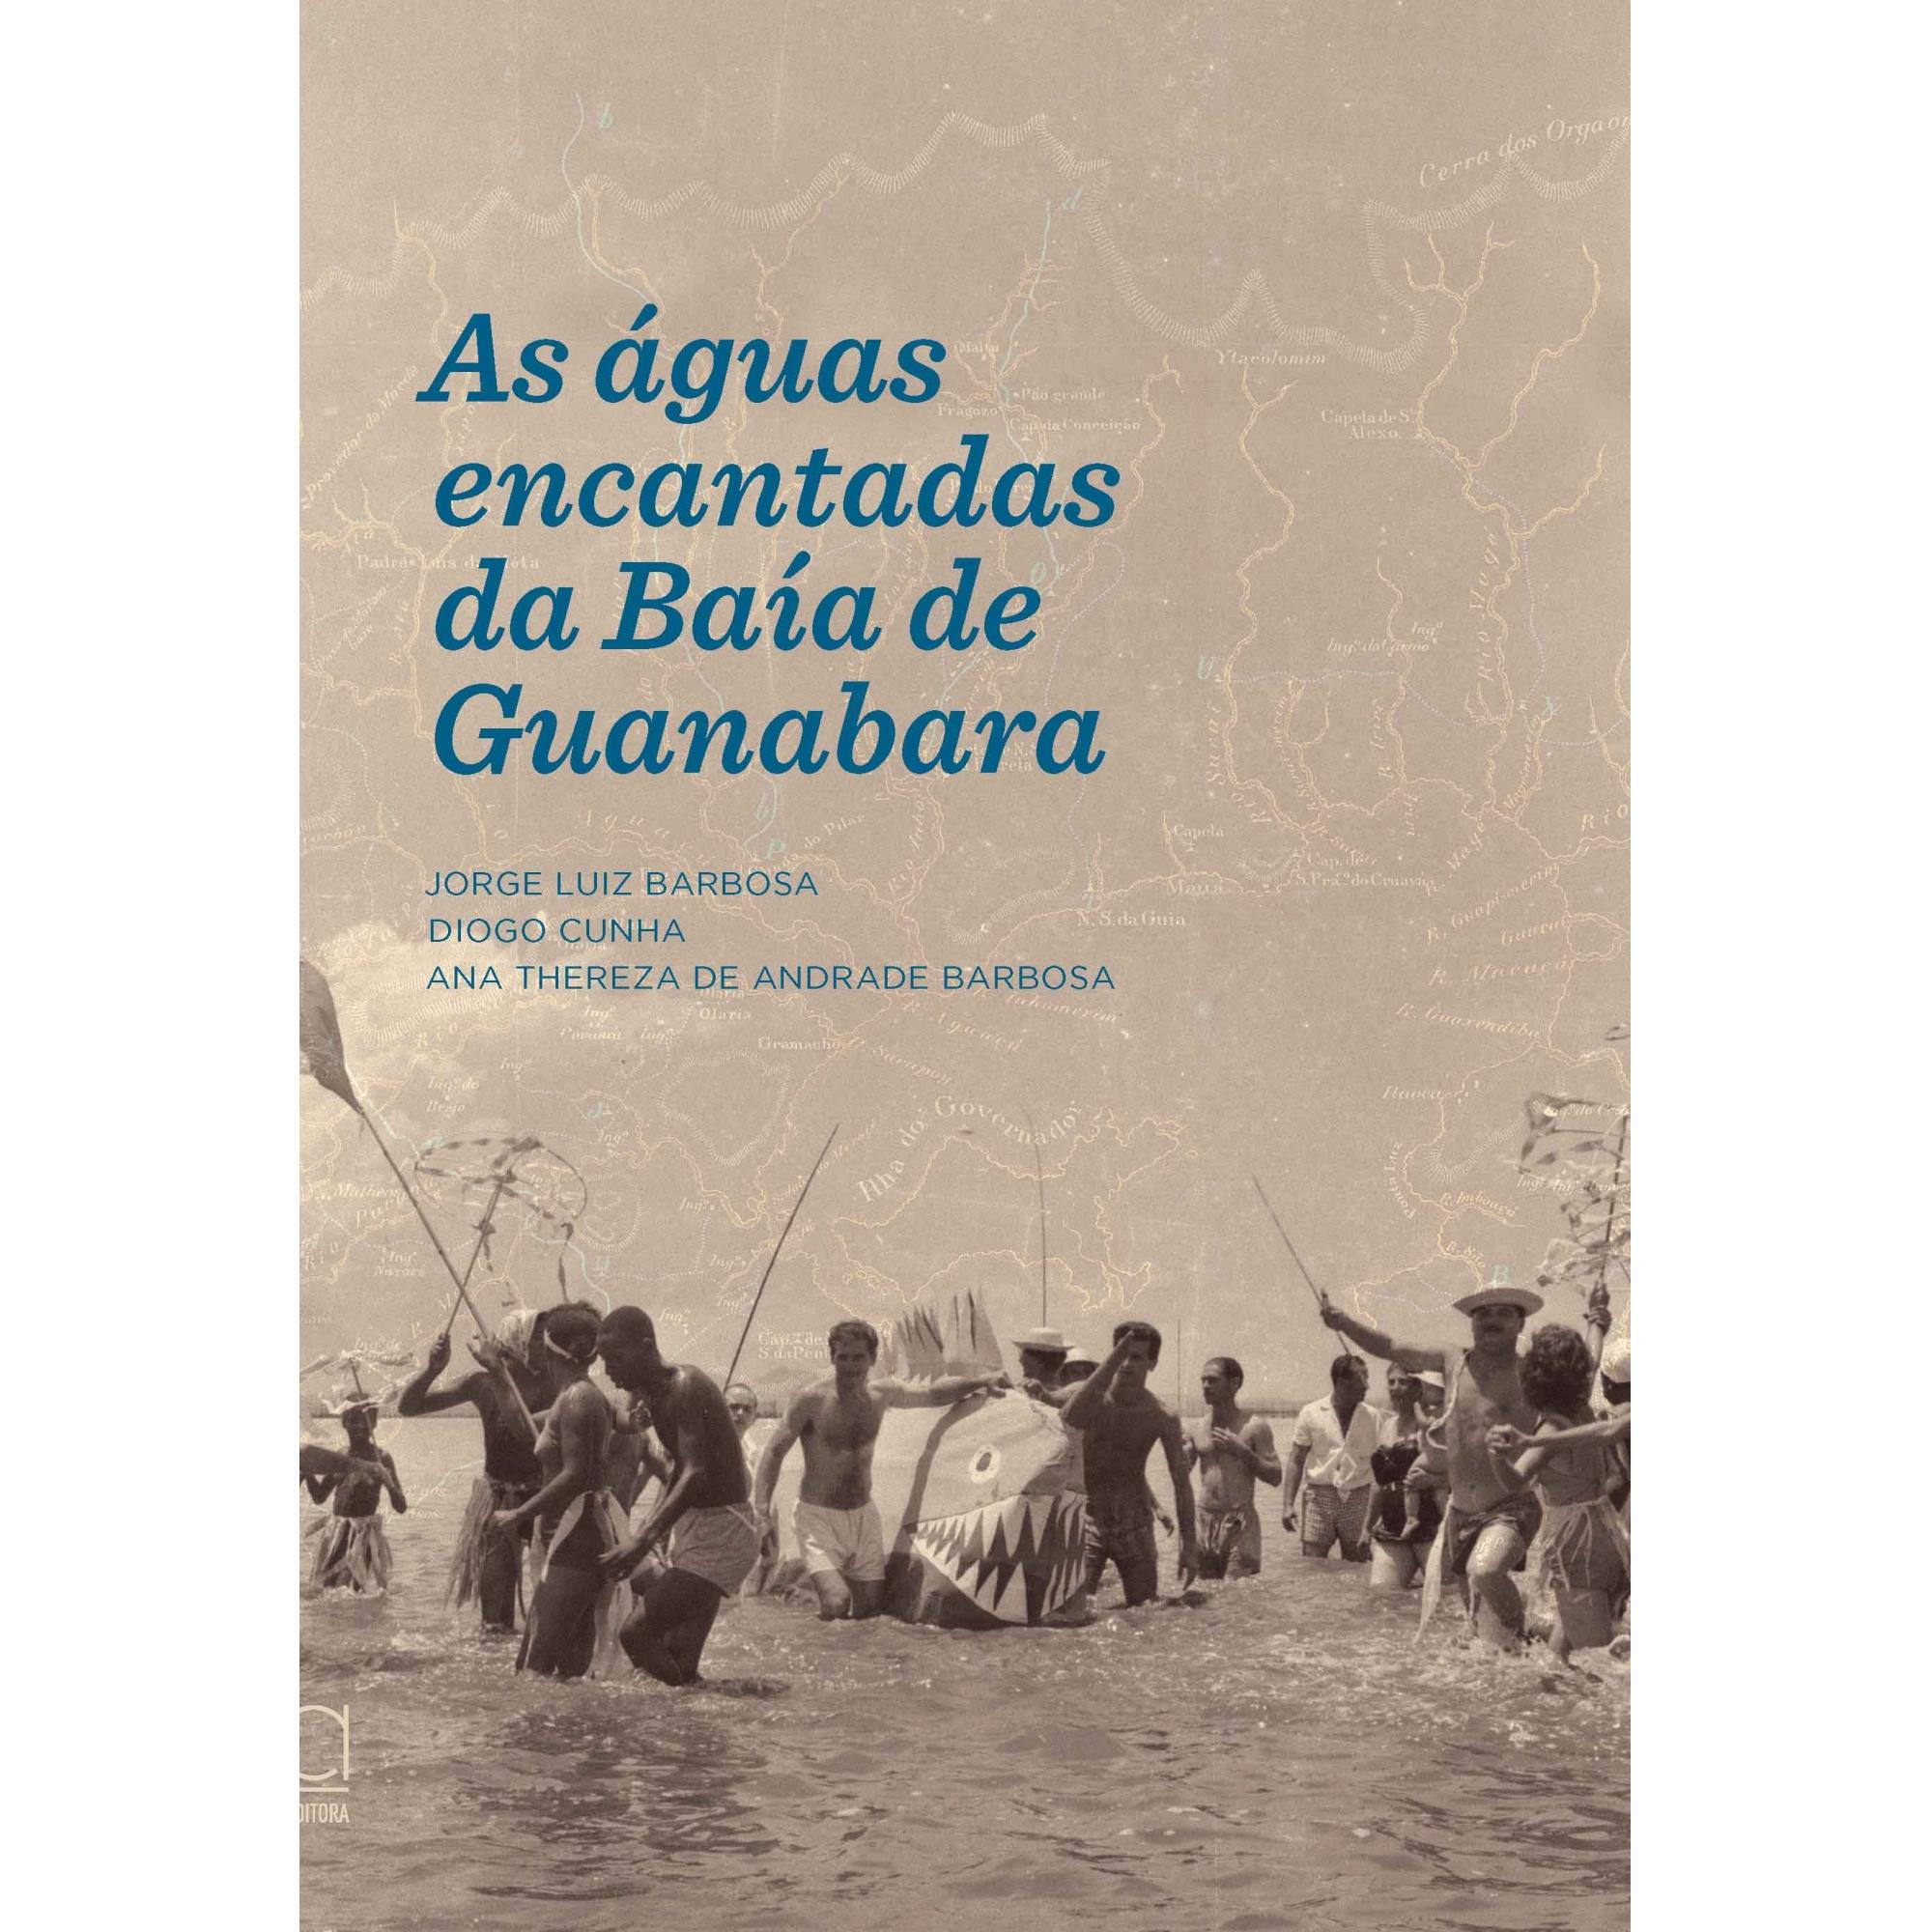 As águas encantadas da Baía de Guanabara